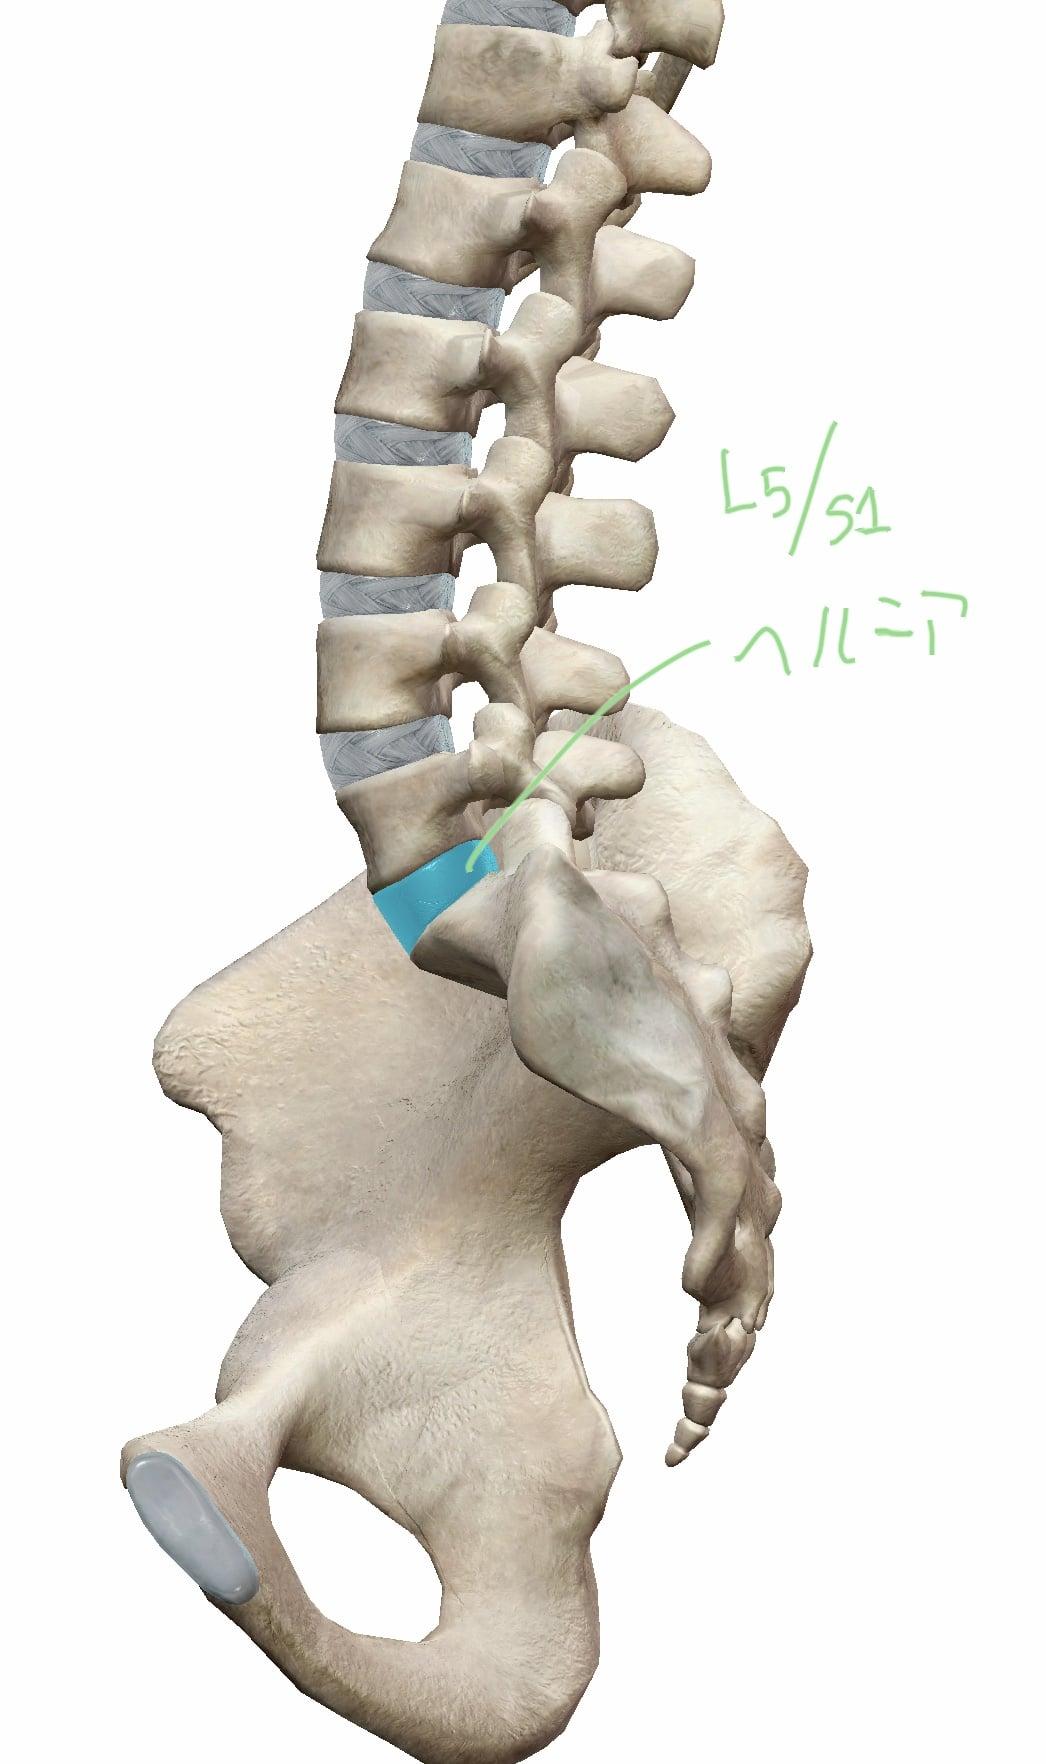 第5腰椎と仙骨間の椎間板にヘルニアがあった際の図